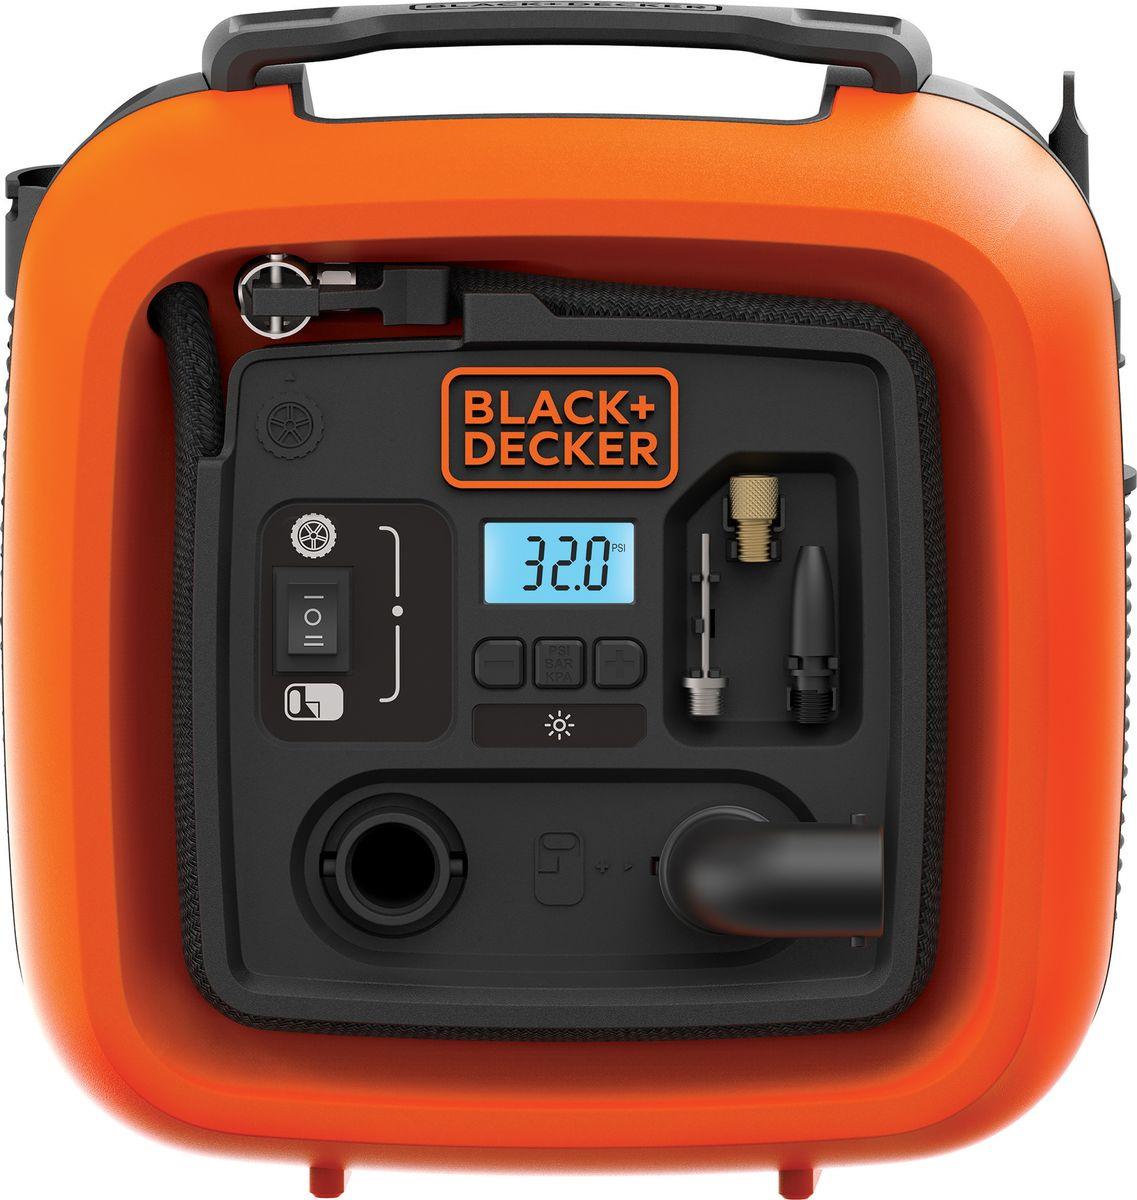 Автомобильный компрессор Black & Decker ASI400, оранжевый, черный